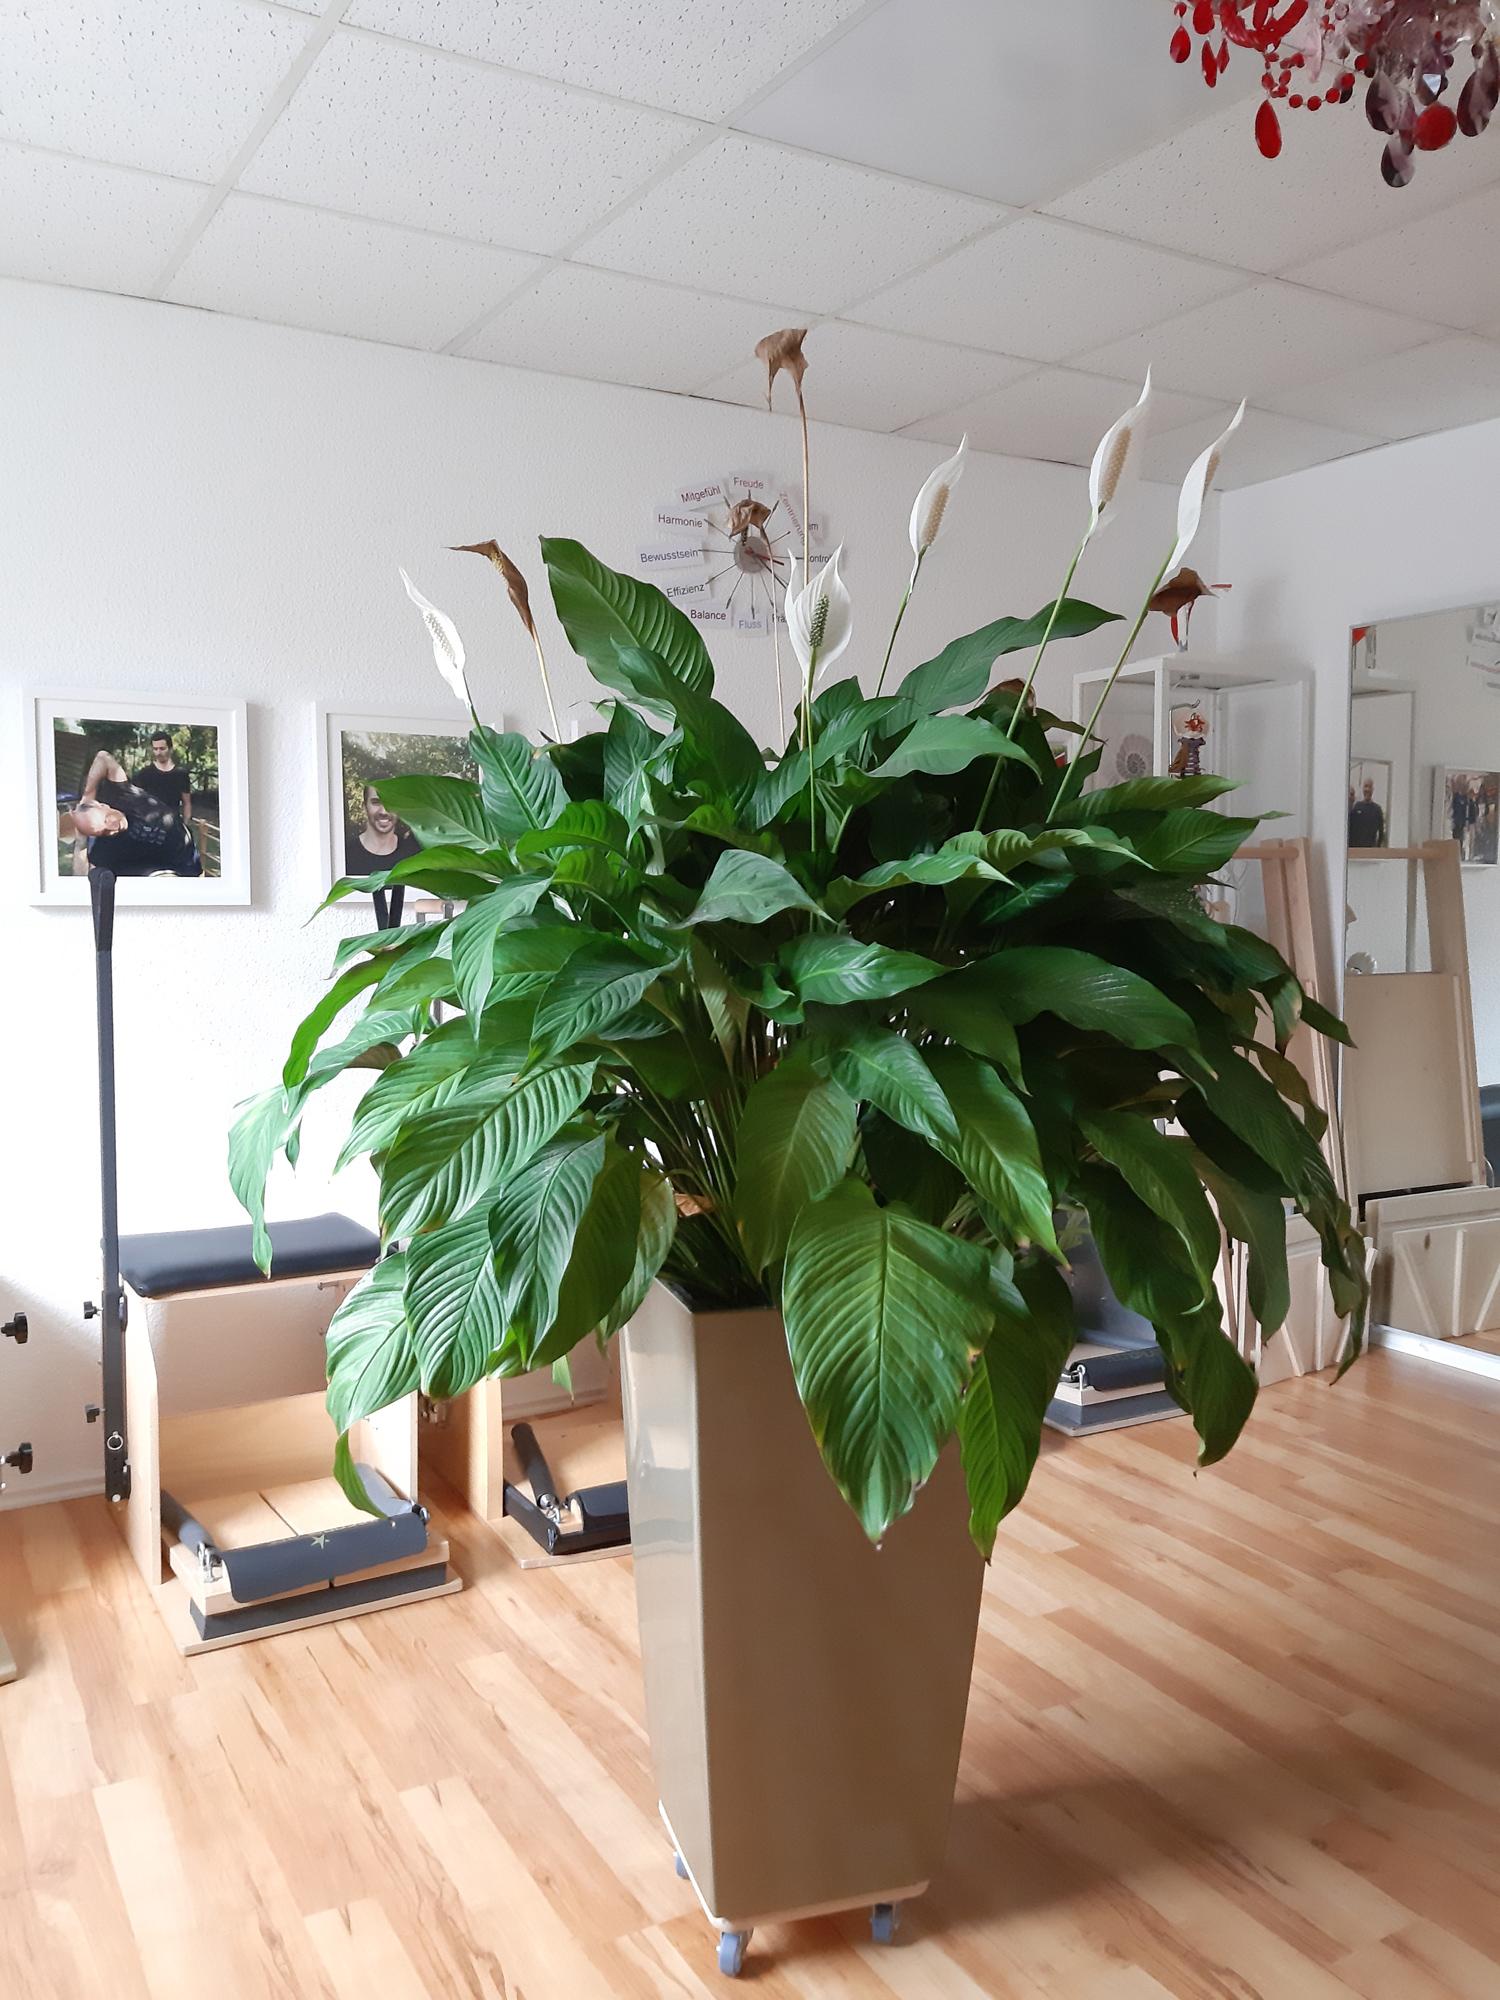 Einblatt - Spathiphyllum oder Scheidenblatt, Blattfahne, Friedenslilie - in Lechuza Pflanzgefäß und Substrat im Wunda Chair Raum